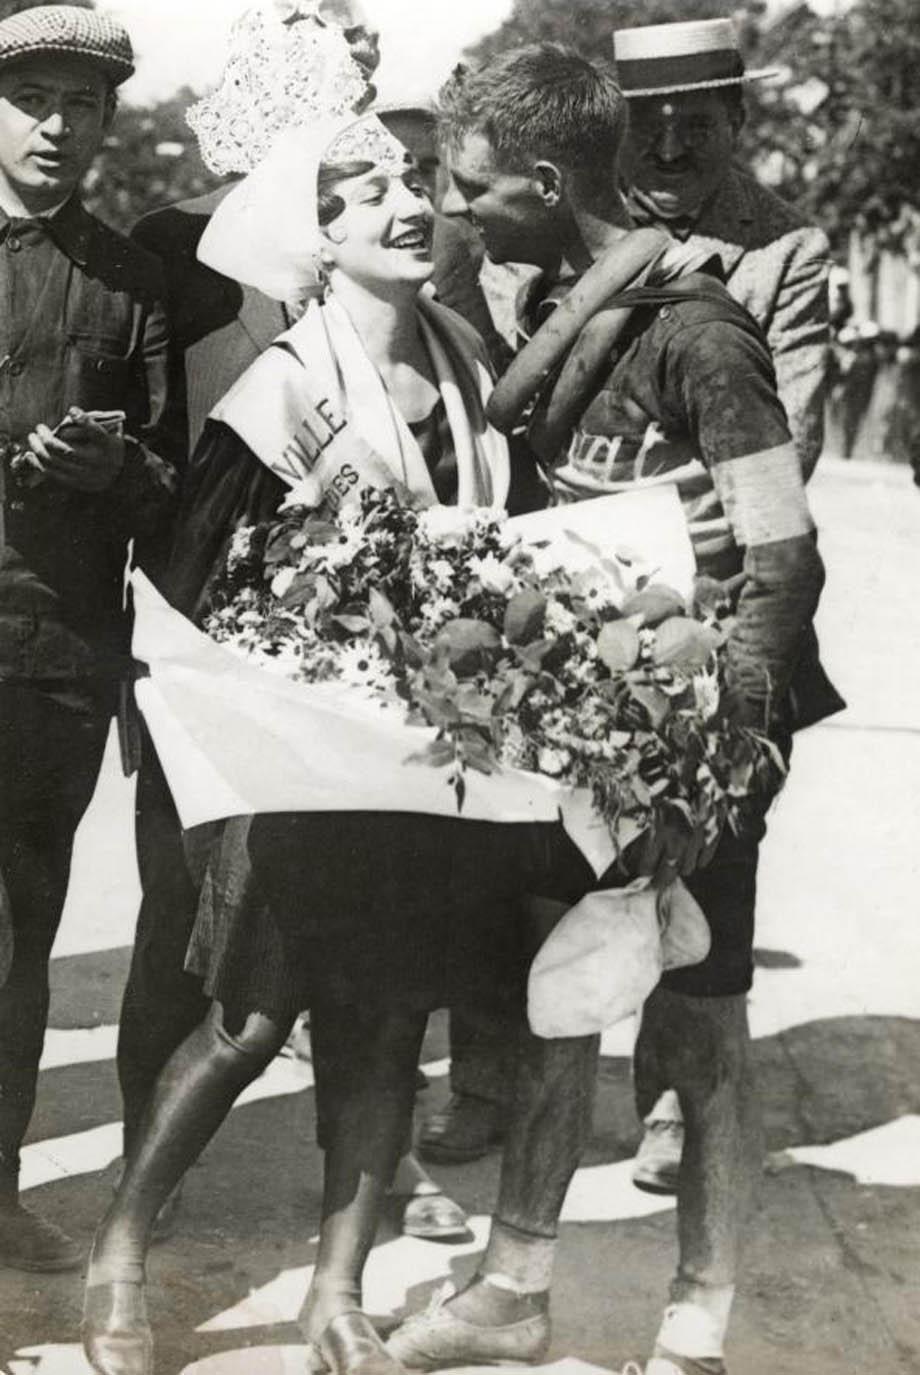 Wielrennen. Tour de France/Ronde van Frankrijk 1928, 6e etappe Vannes-Les Sables d'Olonne (204 km) . Foto: De Australi베Hubert Opperman ontvangt bloemen en kussen van het mooiste meisje uit Sables, Frankrijk 1928.